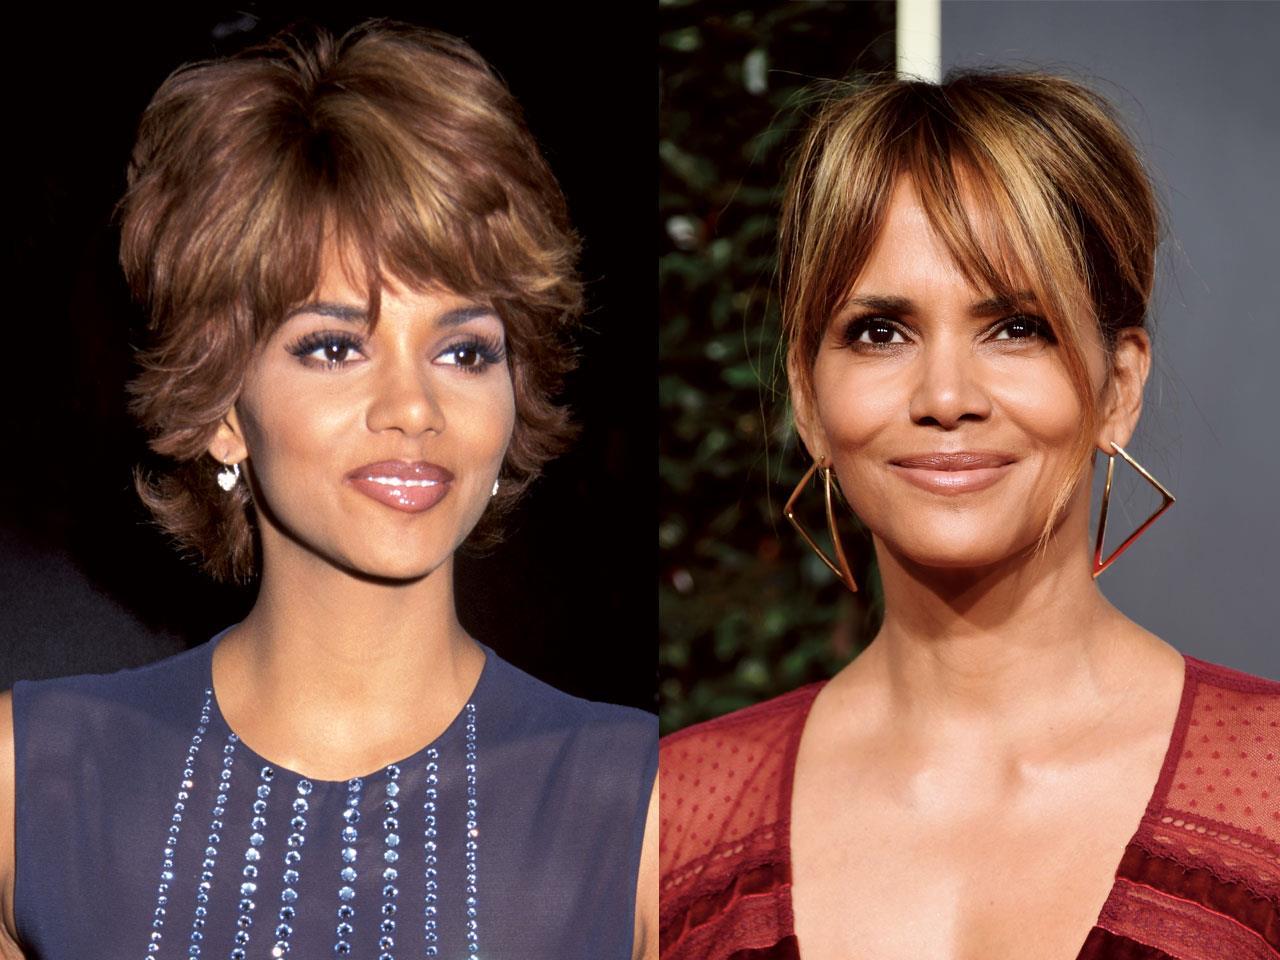 como aparentar 10 años menos Halle Berry. Halle Berry